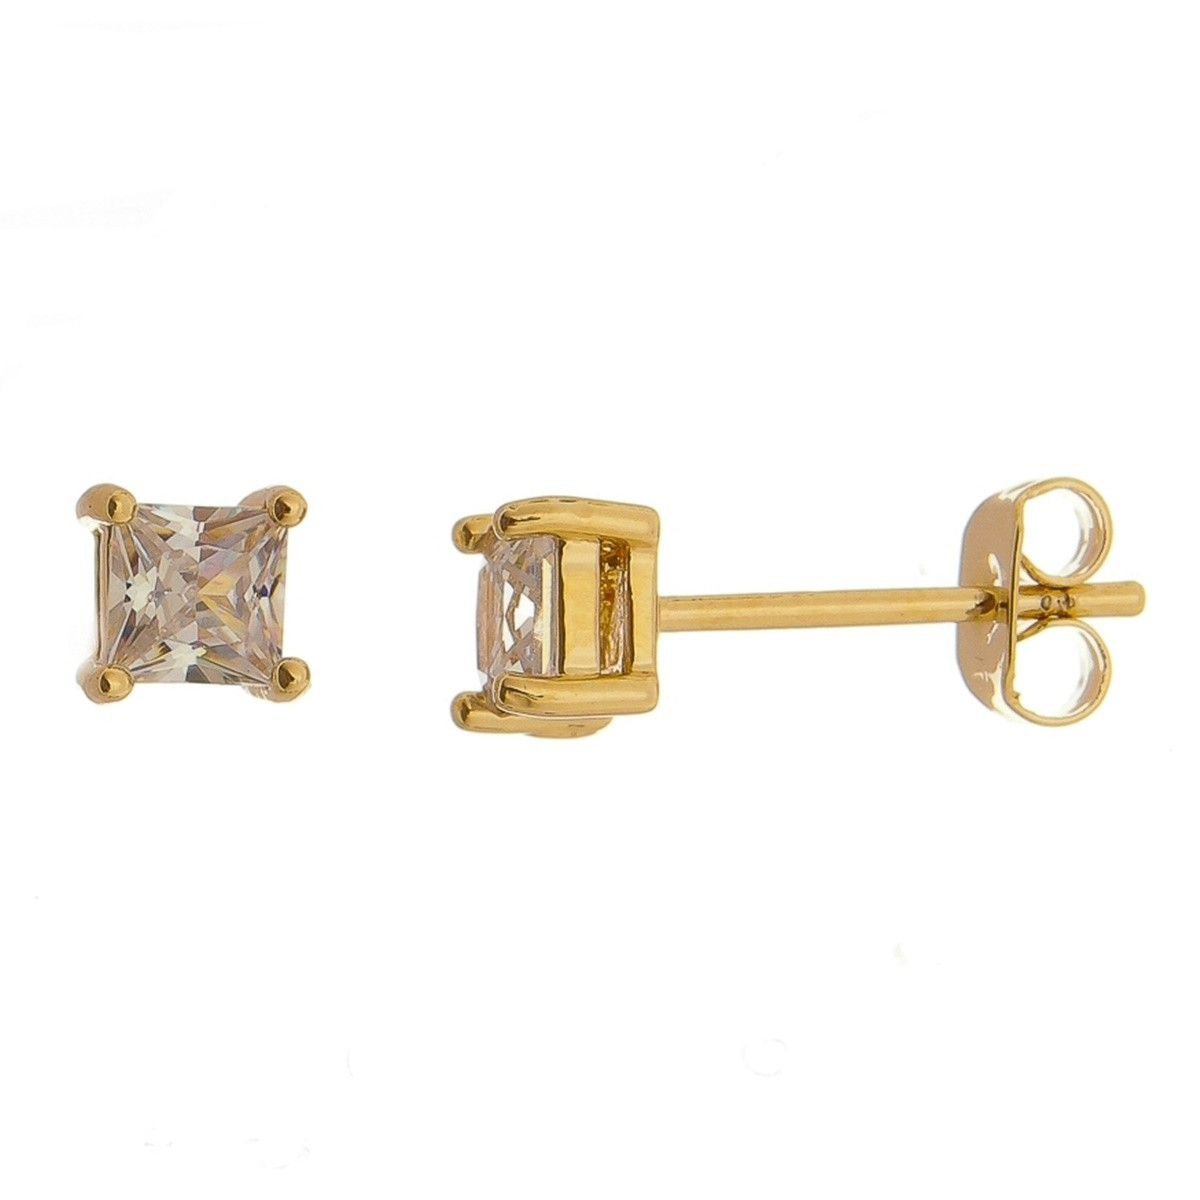 Brinquinho Dourado 5 mm Semijoia em Ouro 18K com Zircônia Branca  - Soloyou